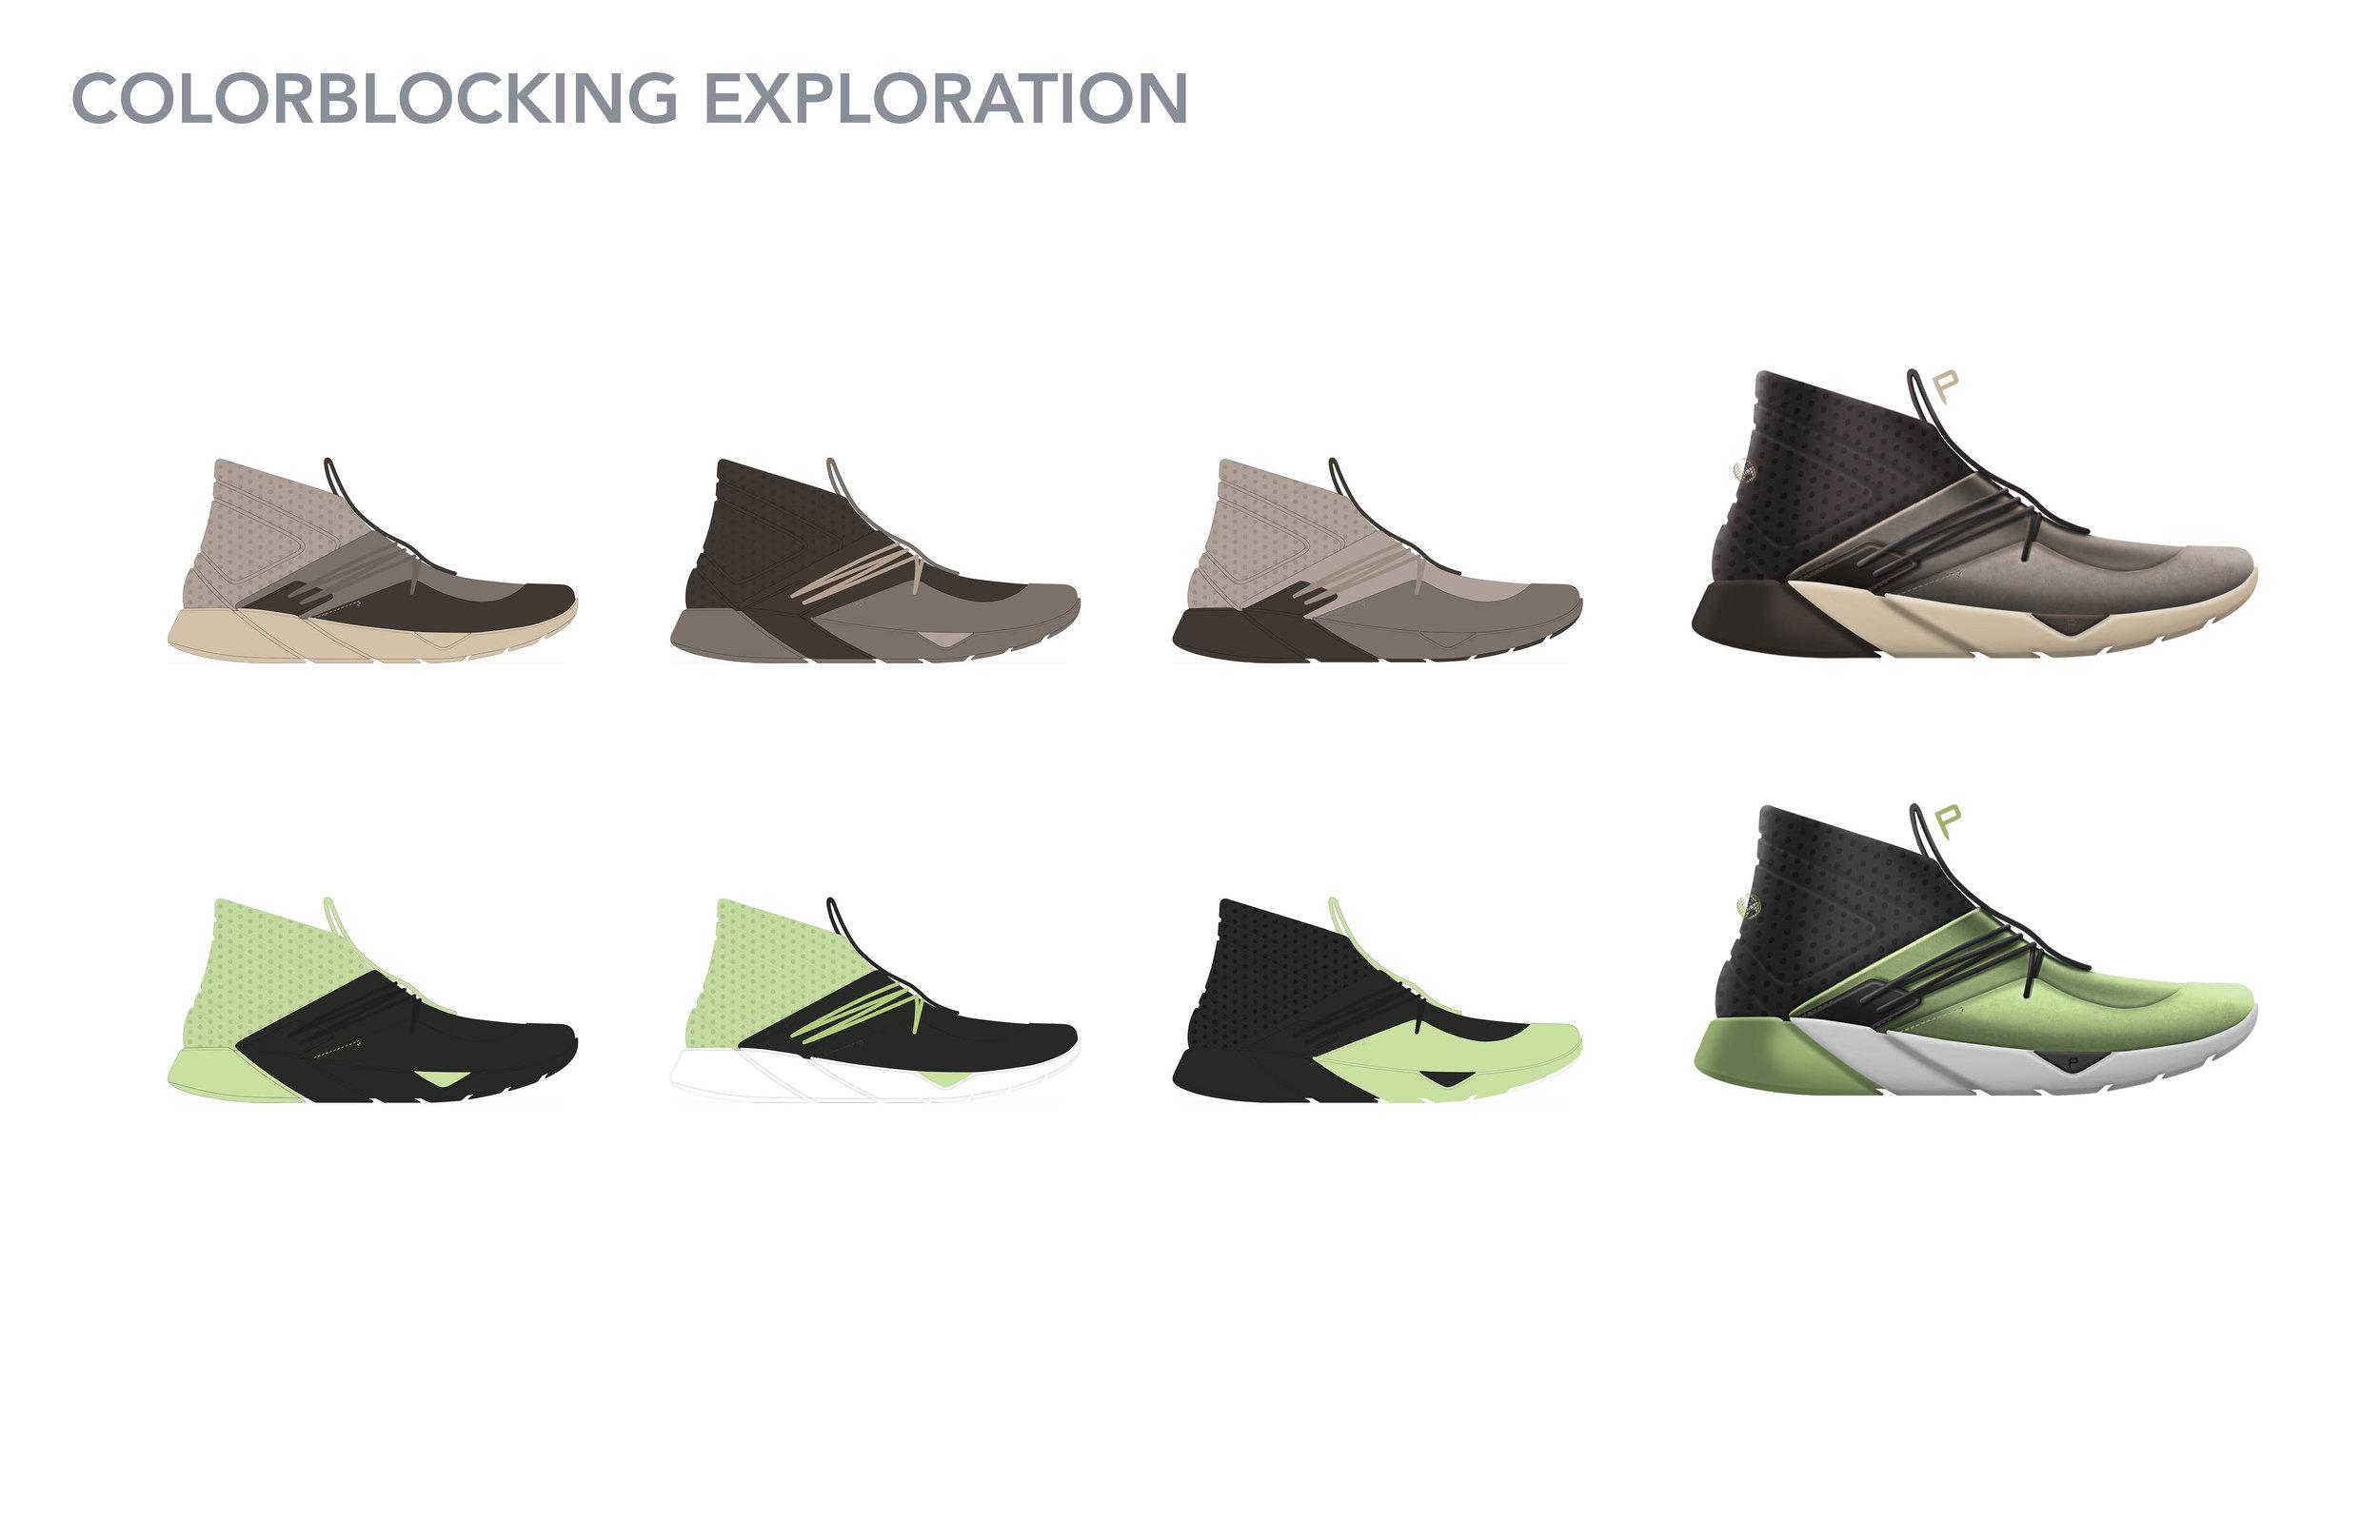 Melvin Melchor Footwear Design Portfolio 2017 V2657.jpg